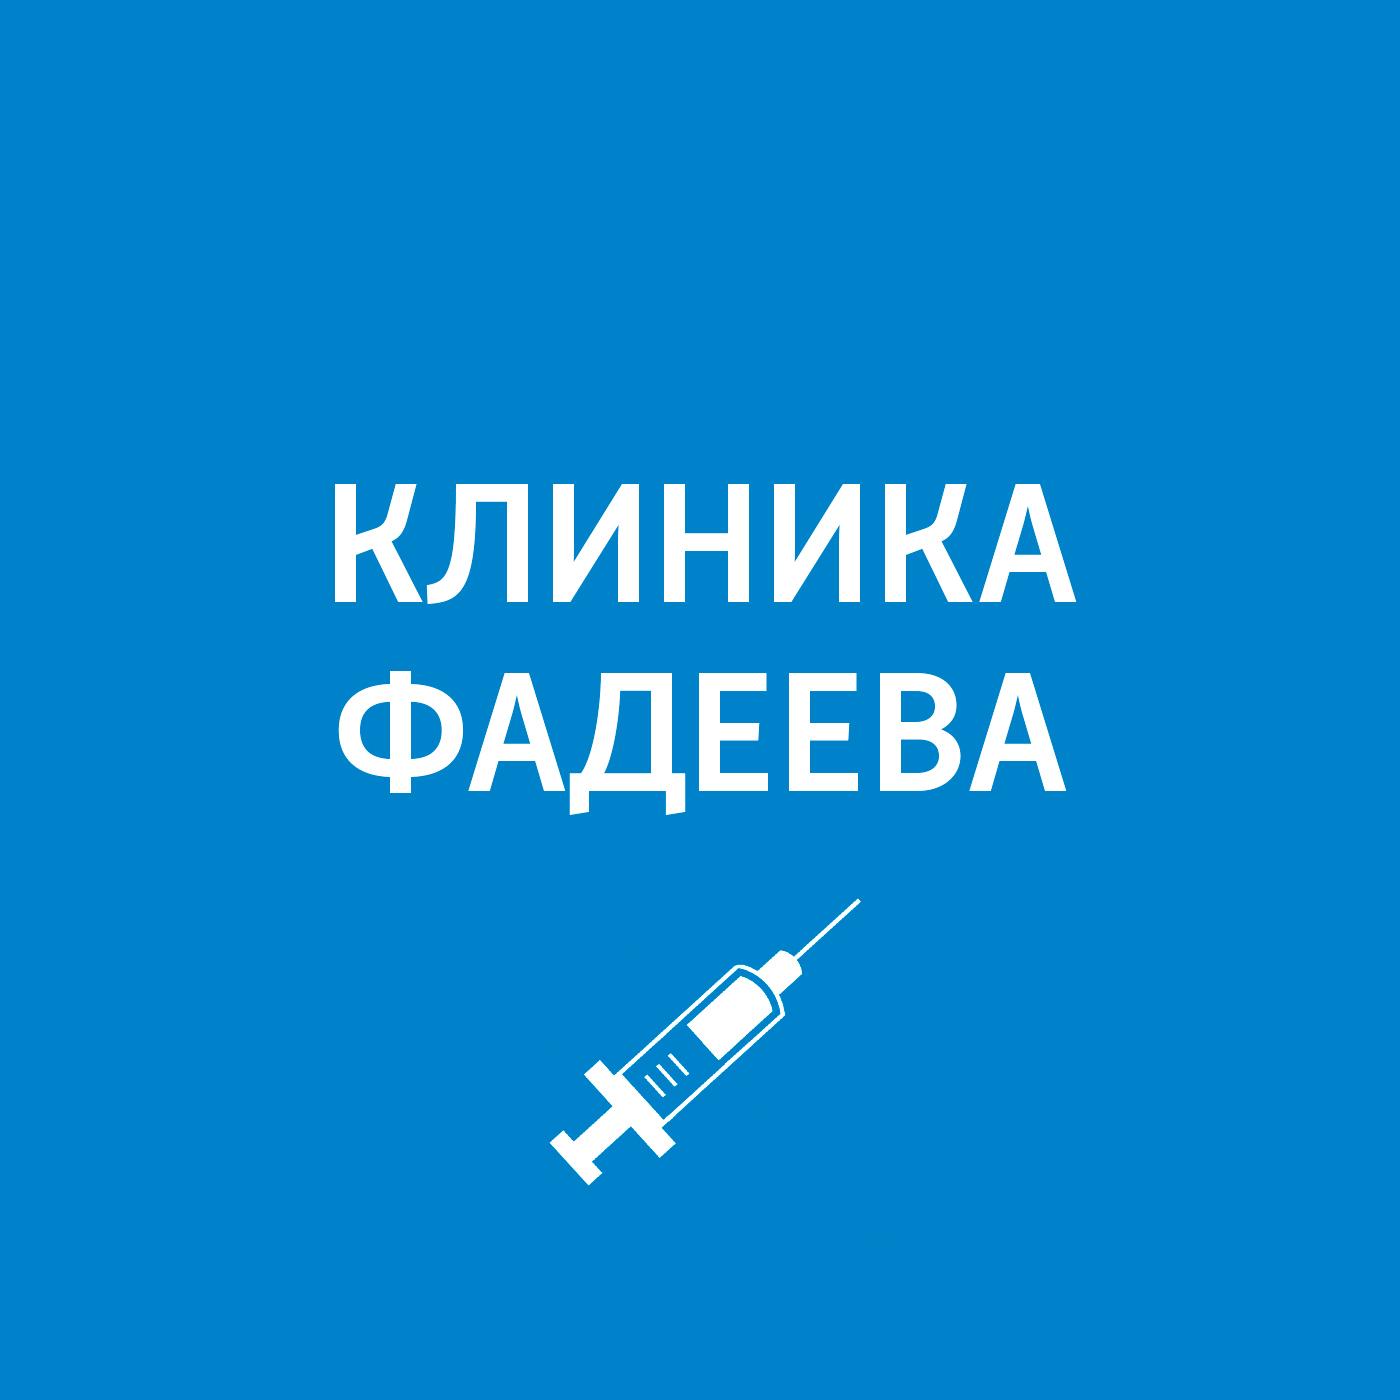 Пётр Фадеев Прием ведет врач-педиатр. Отдых с маленьким ребенком цены